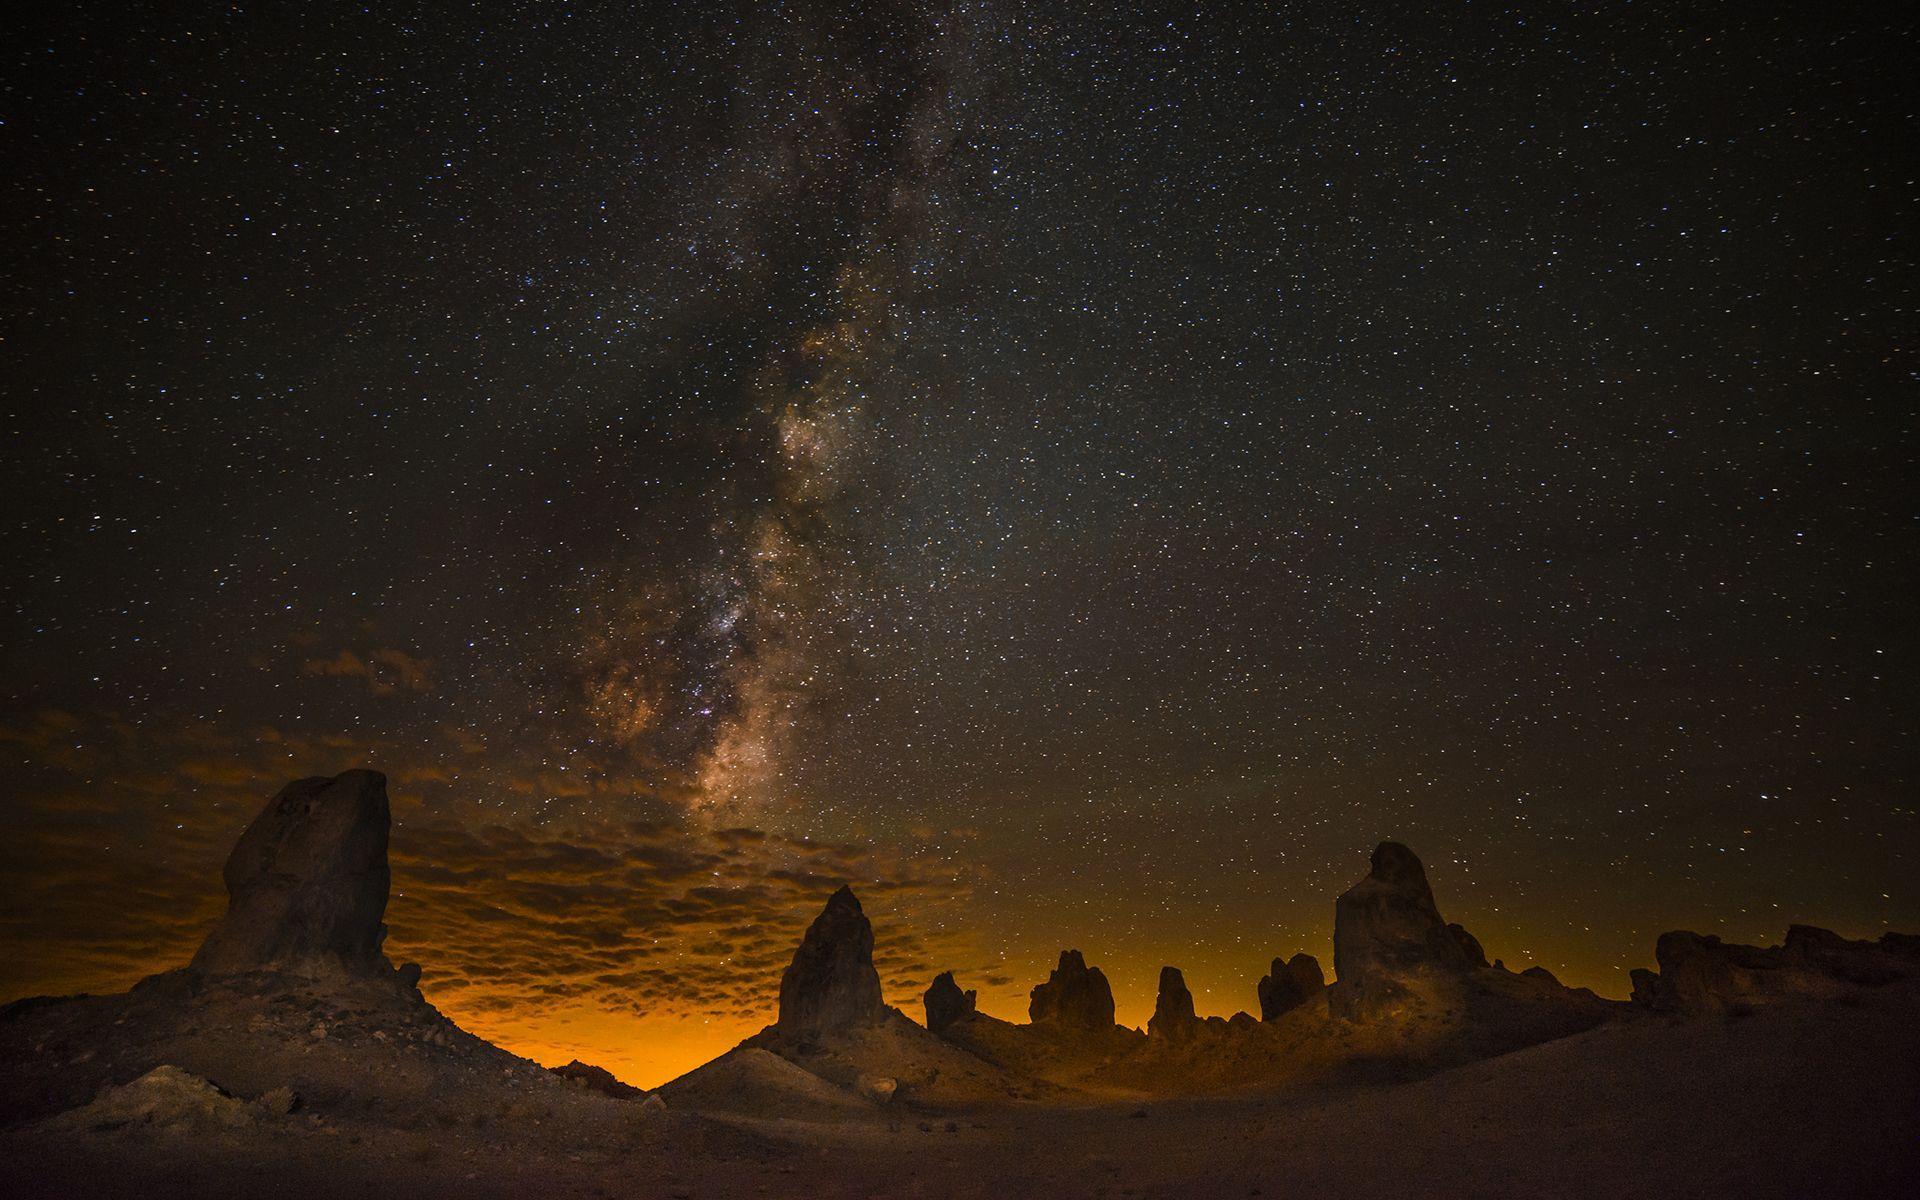 Starry sky over the desert wallpaper 17730 1920x1200